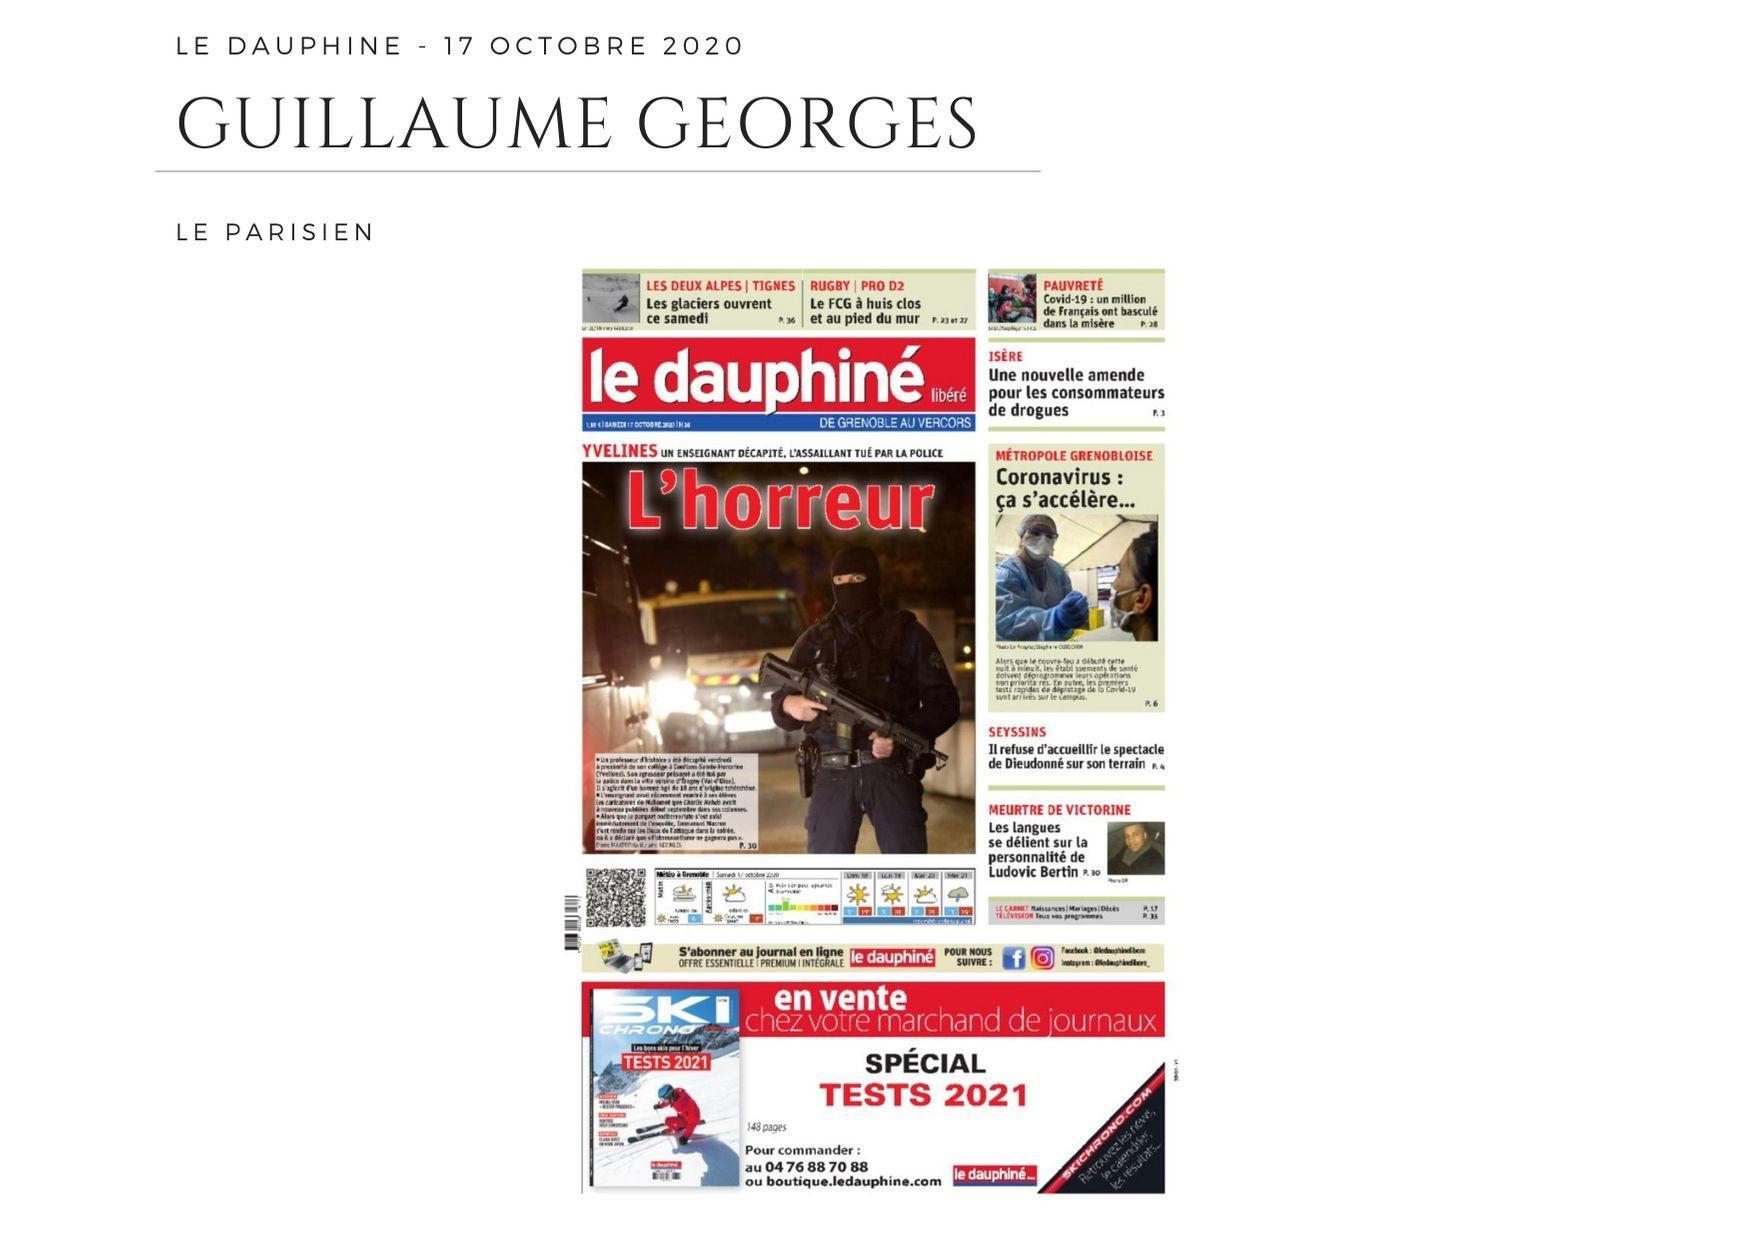 Le Dauphiné - 17 octobre 2020